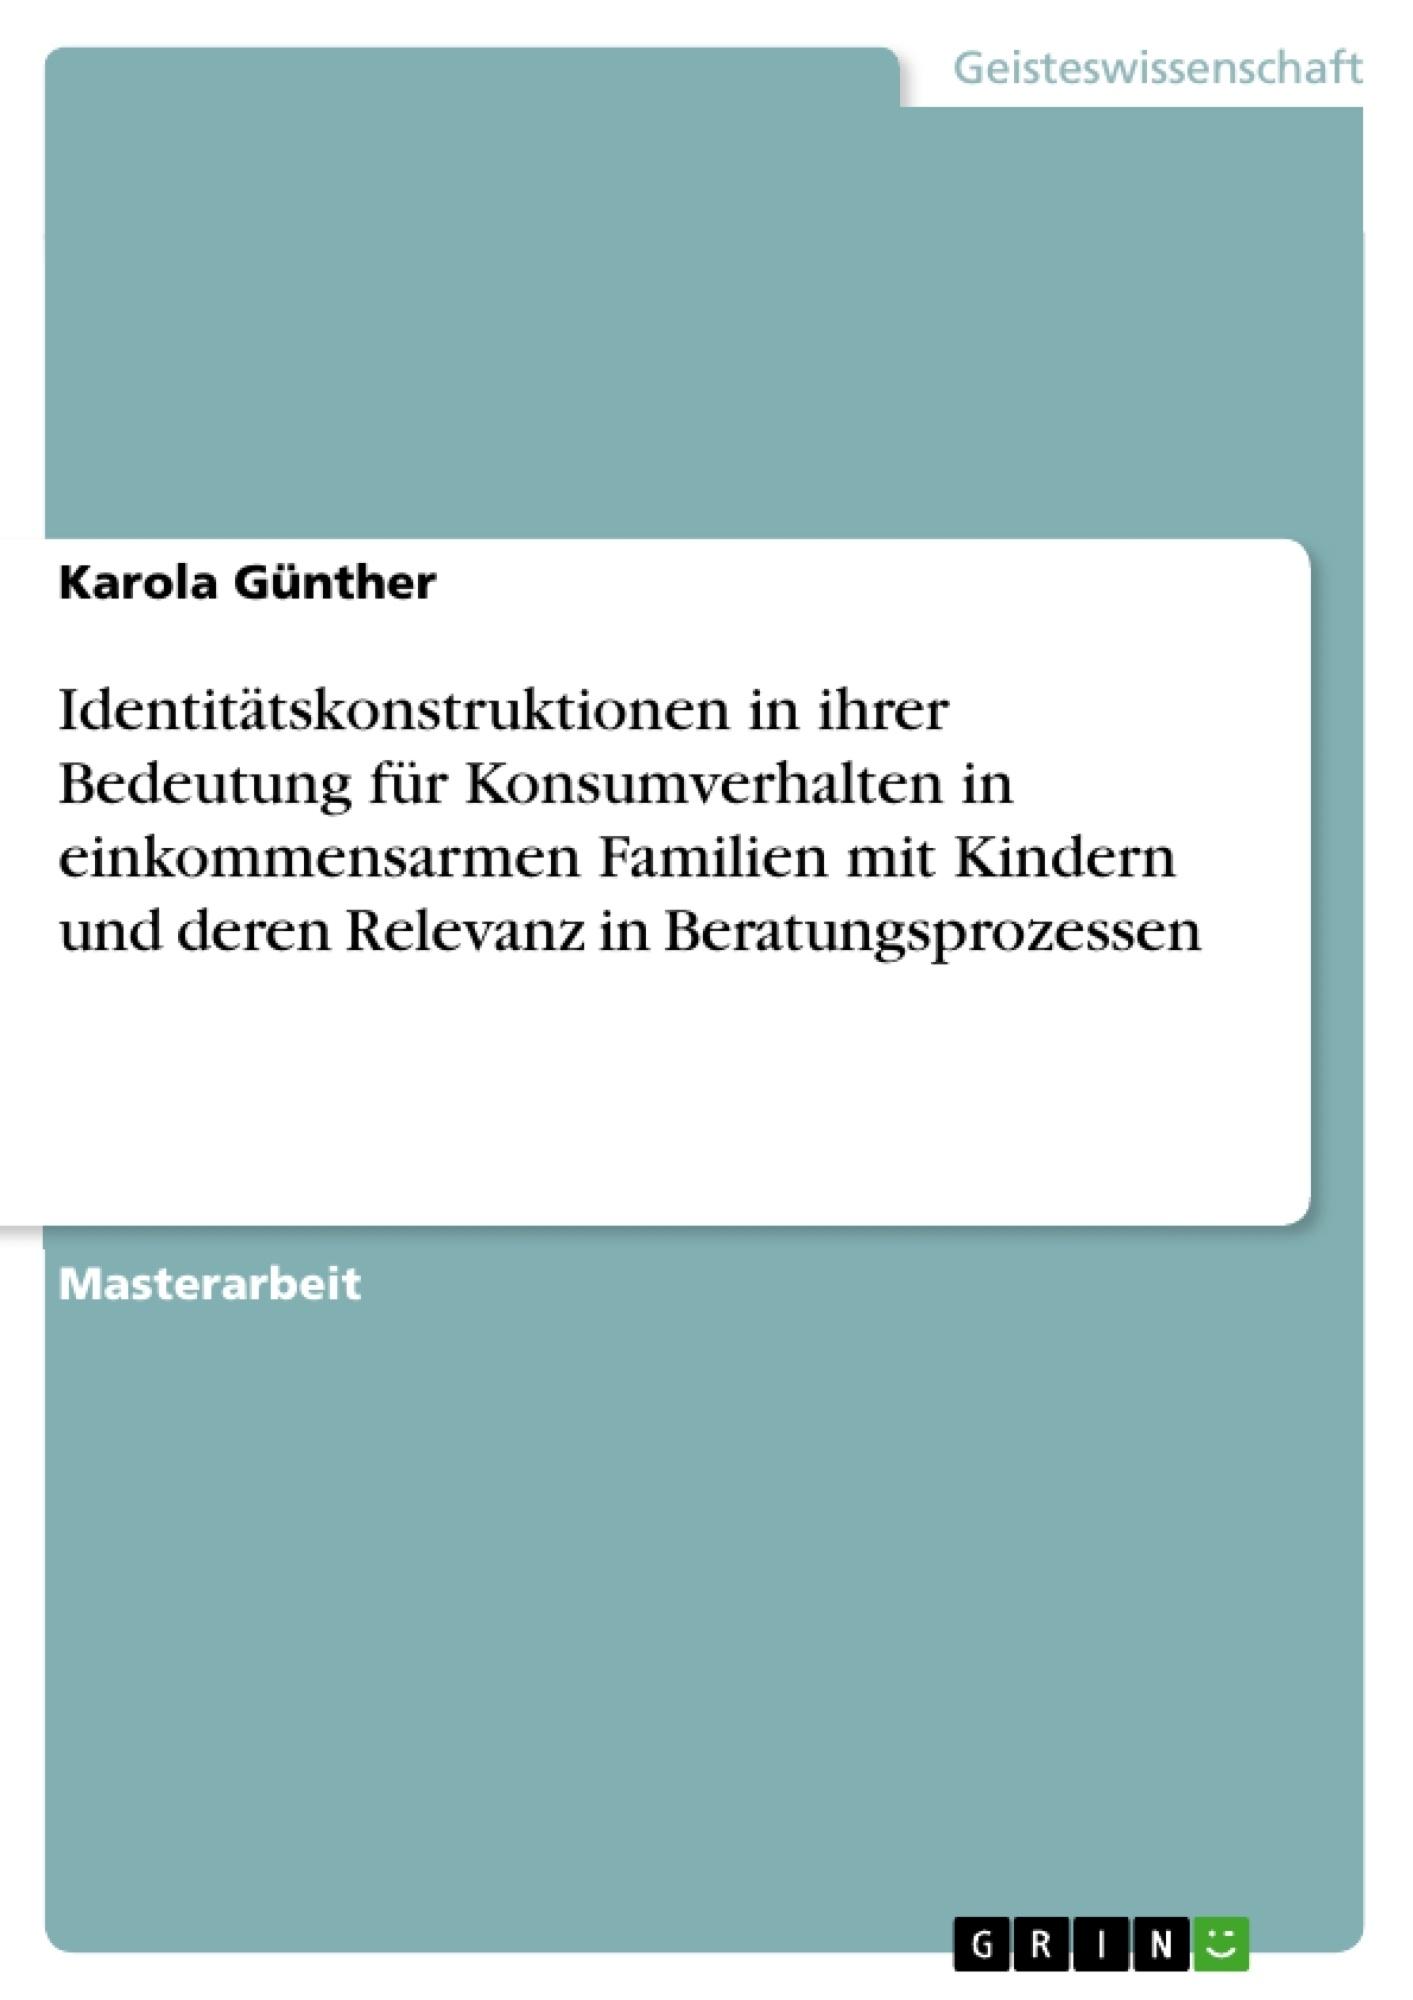 Titel: Identitätskonstruktionen in ihrer Bedeutung für Konsumverhalten in einkommensarmen Familien mit Kindern und deren Relevanz in Beratungsprozessen